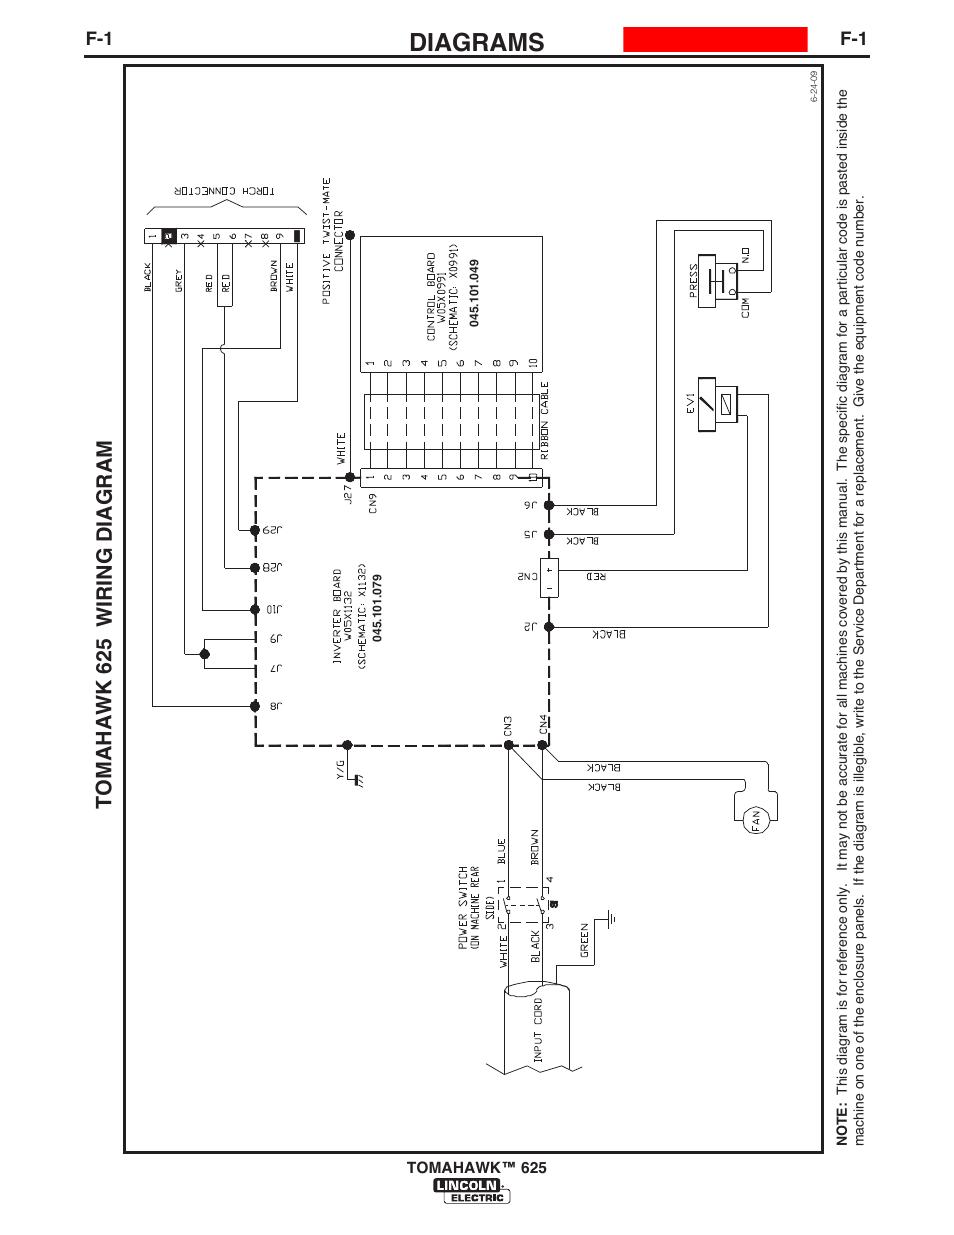 Diagrams  Tomahawk 625 Wiring Diagram